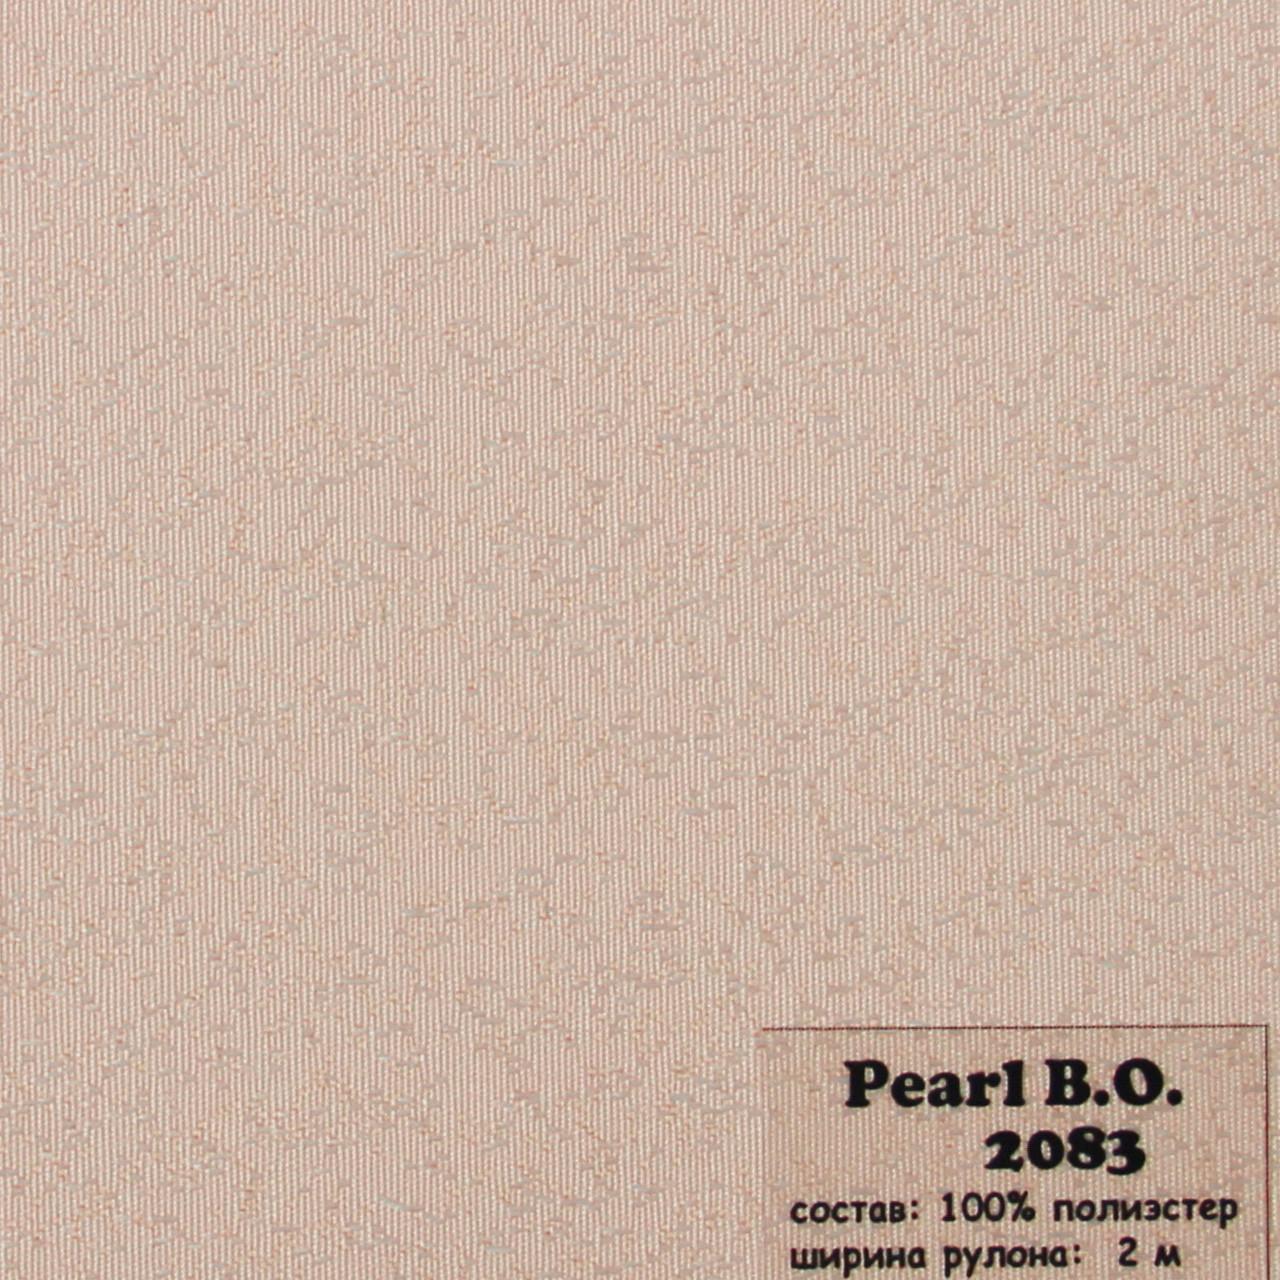 Рулонные шторы Одесса Ткань Pearl блэк-аут Розовый 2083